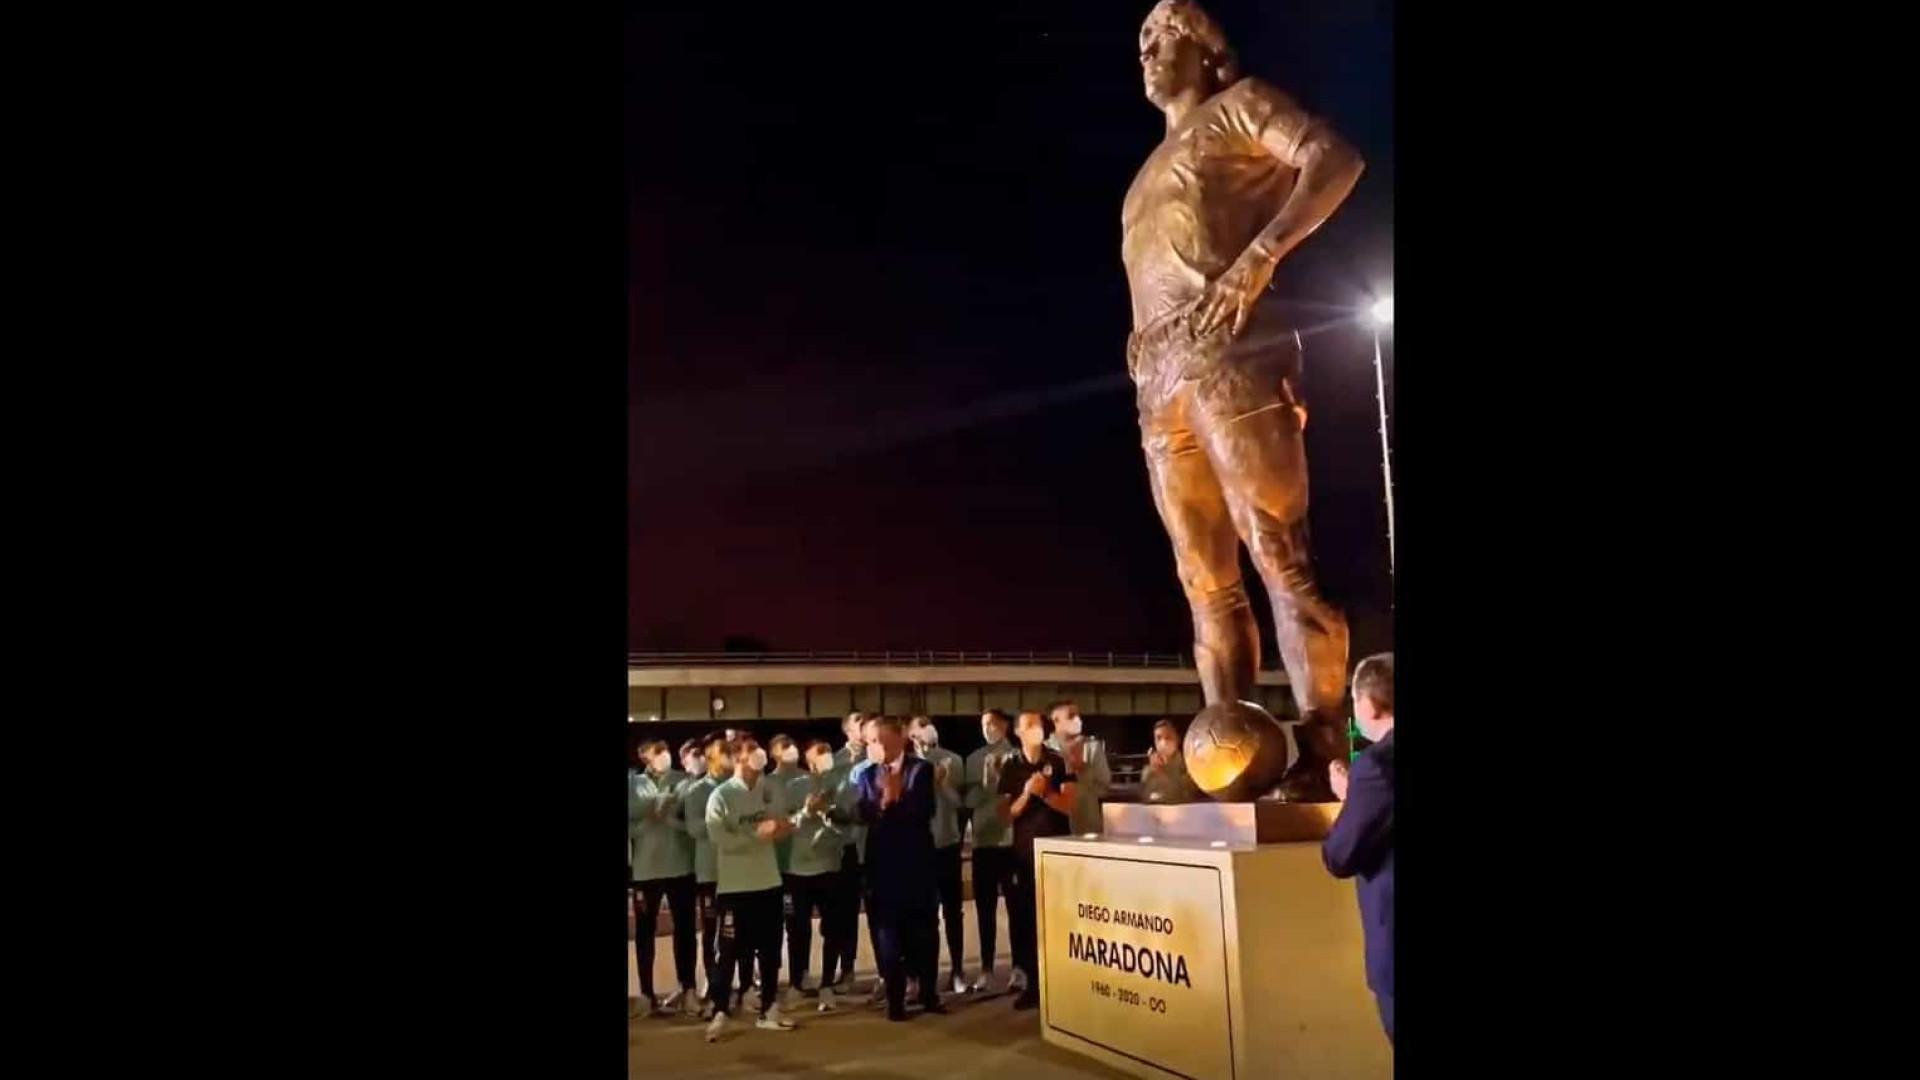 Messi inaugura estátua de cinco metros de Maradona